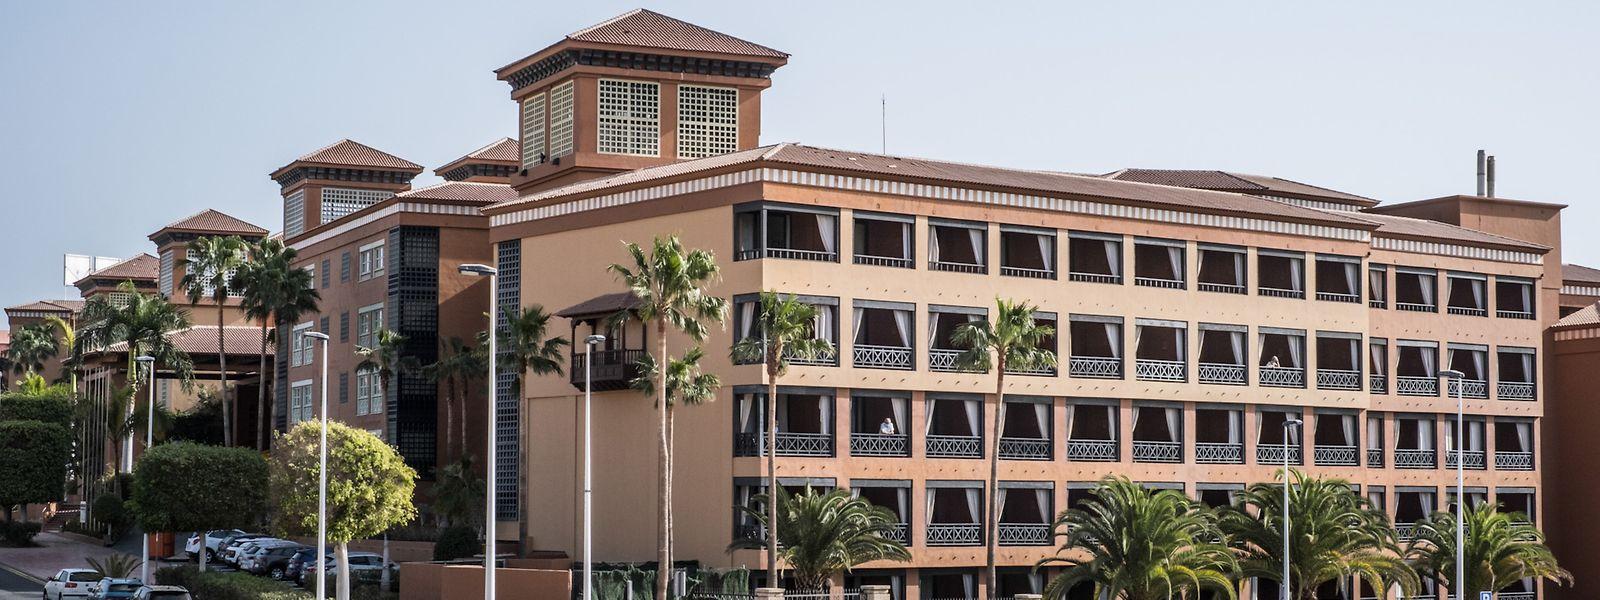 In dem unter Quarantäne gestellten Hotel auf Teneriffa wurden insgesamt sechs Infektionsfälle gemeldet.